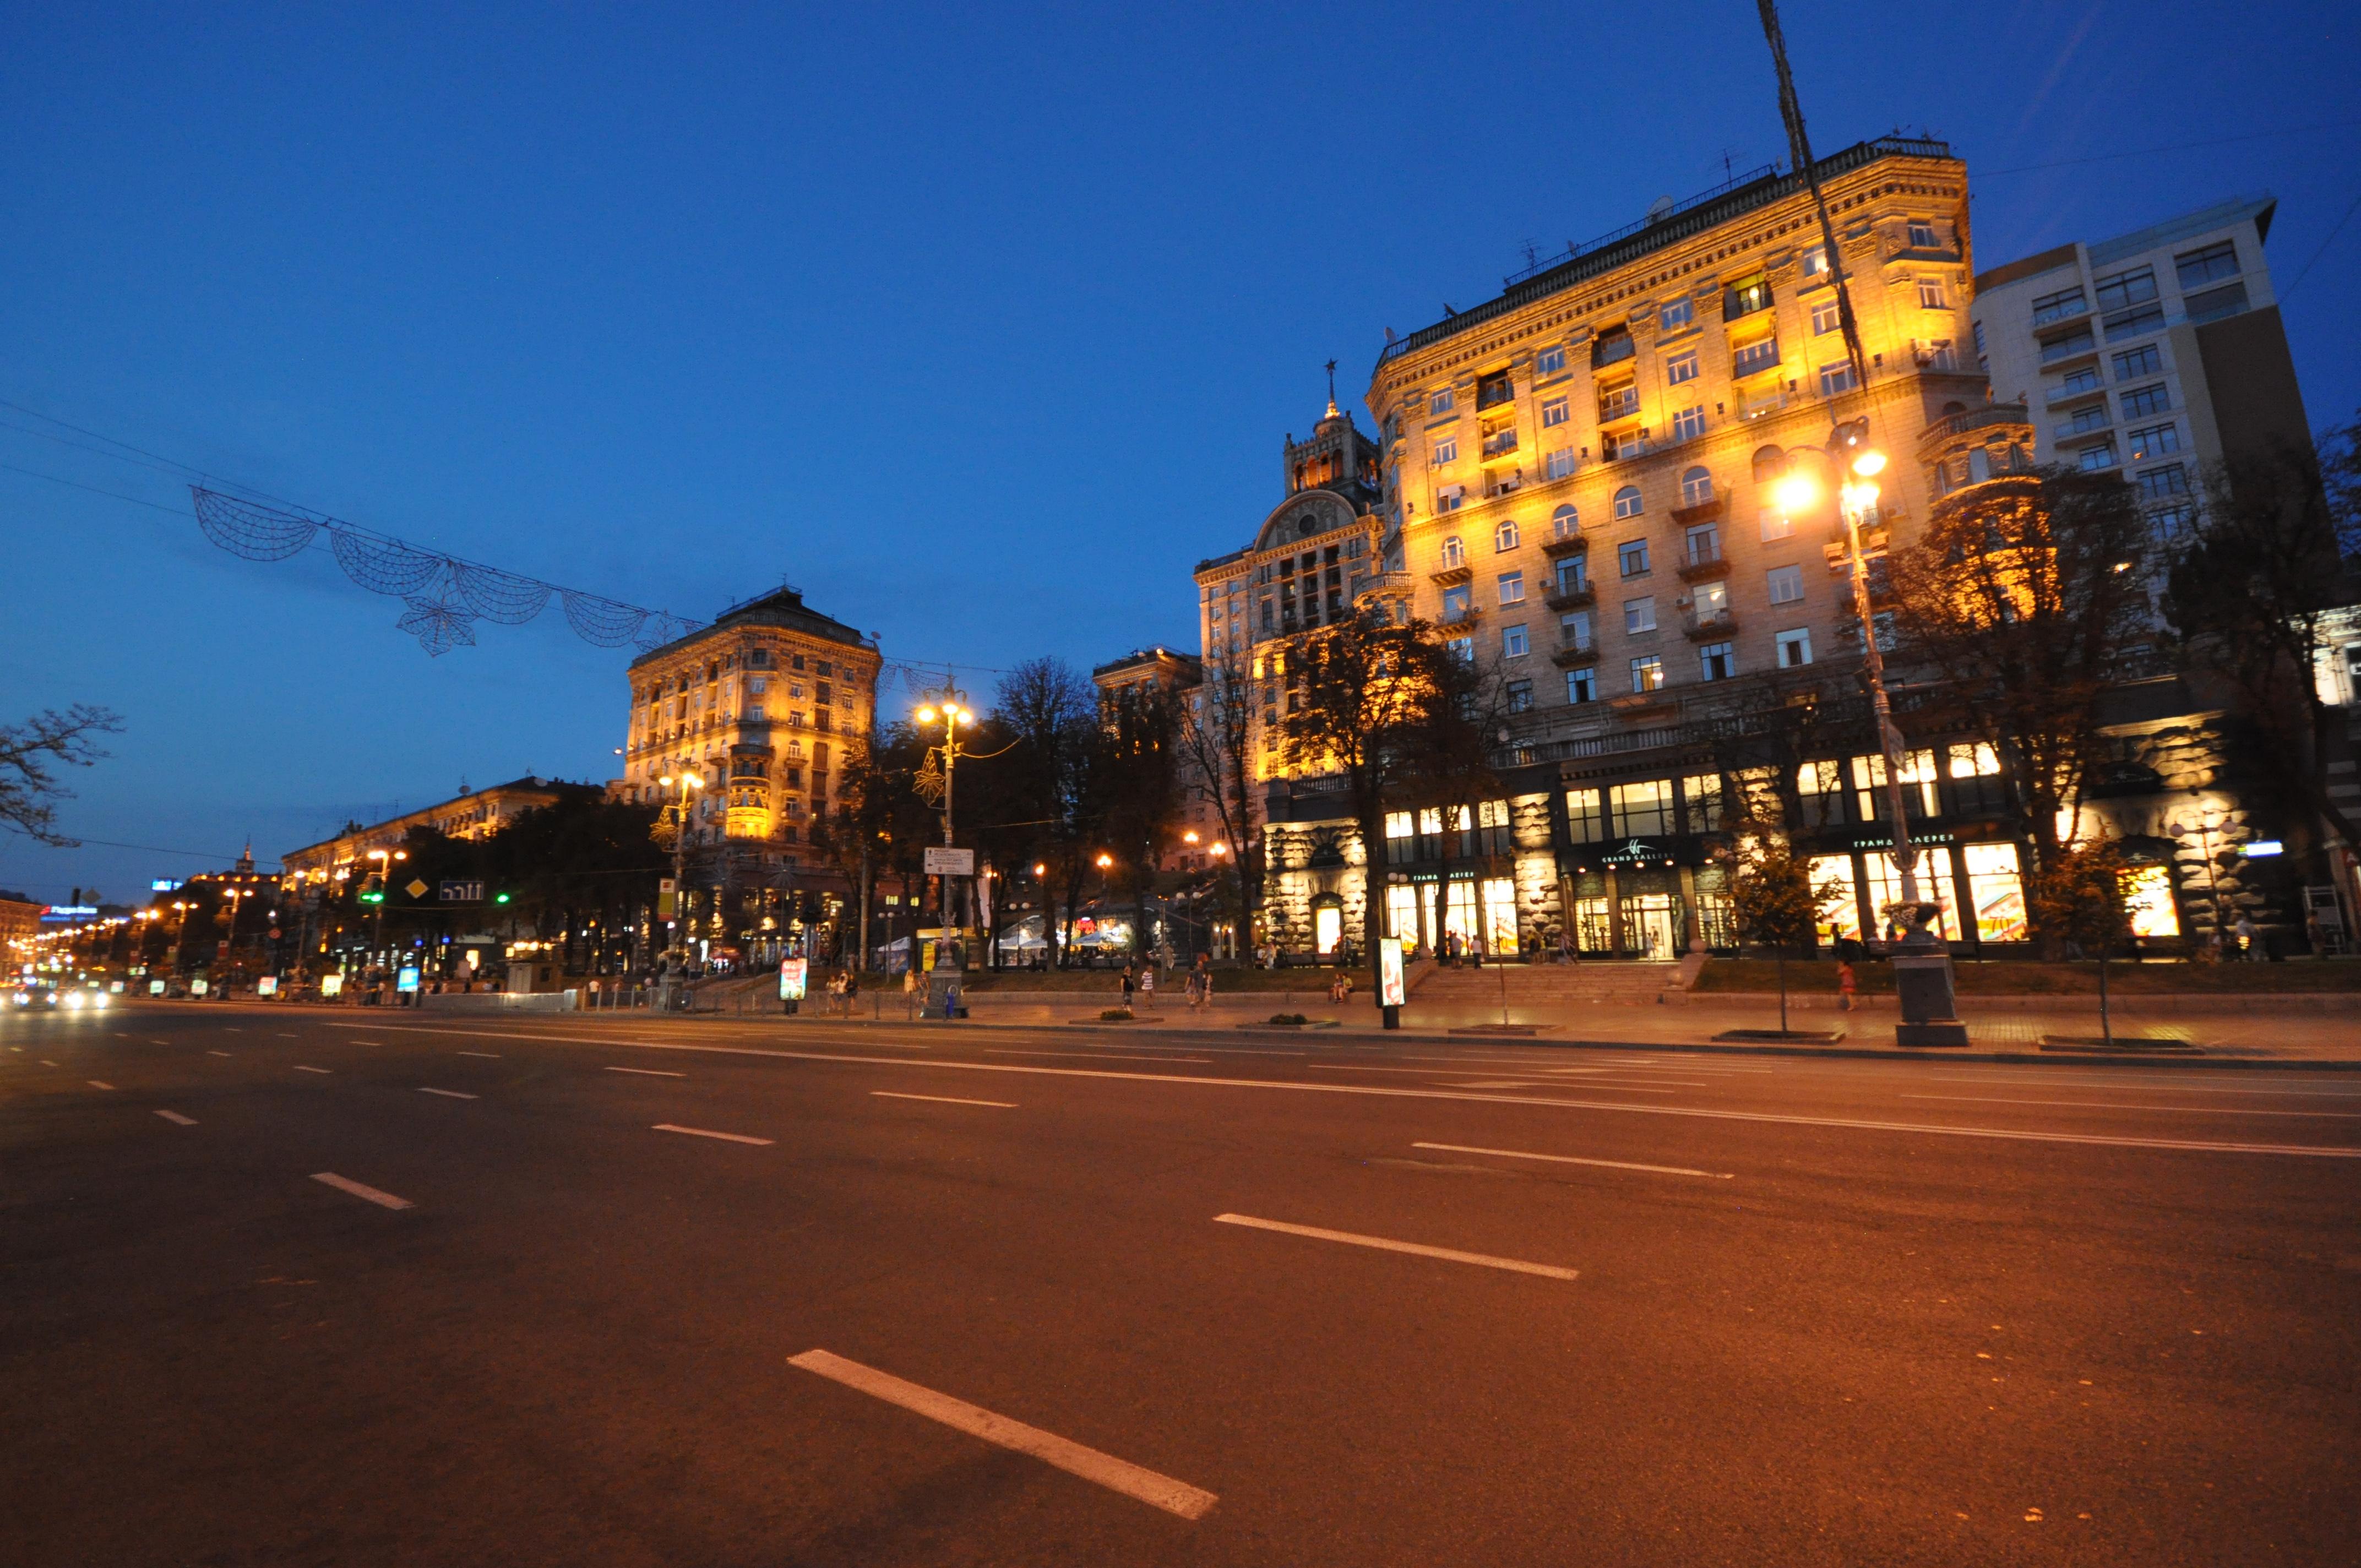 شارع خرشتشاتيك